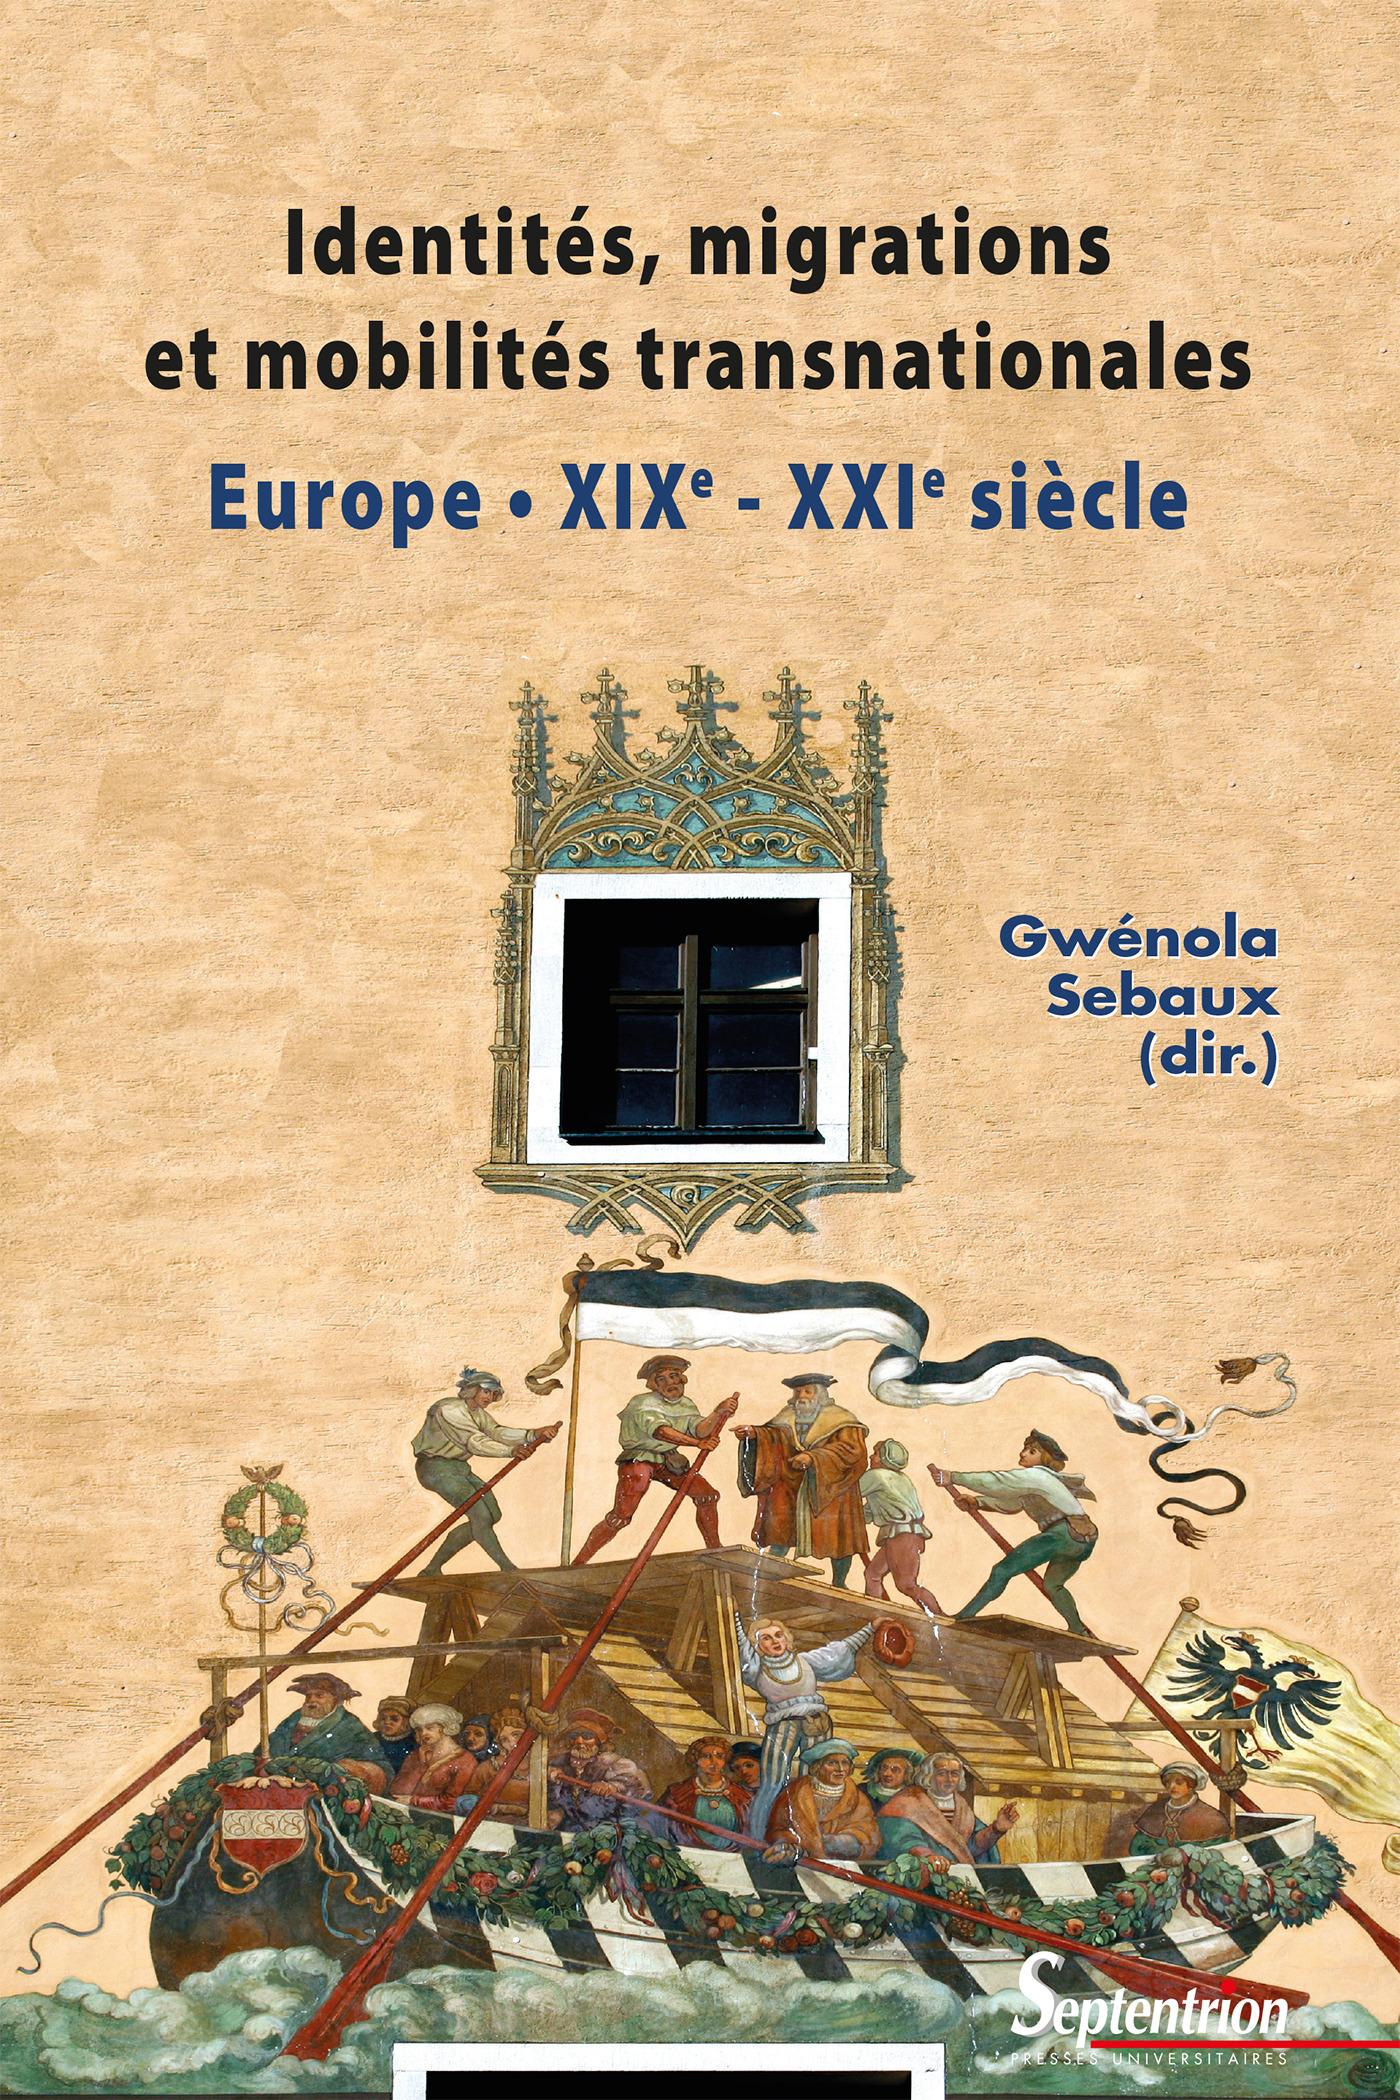 Identités, migrations et mobilités transnationales en Europe ; Europe XIXe - XXIe siècle